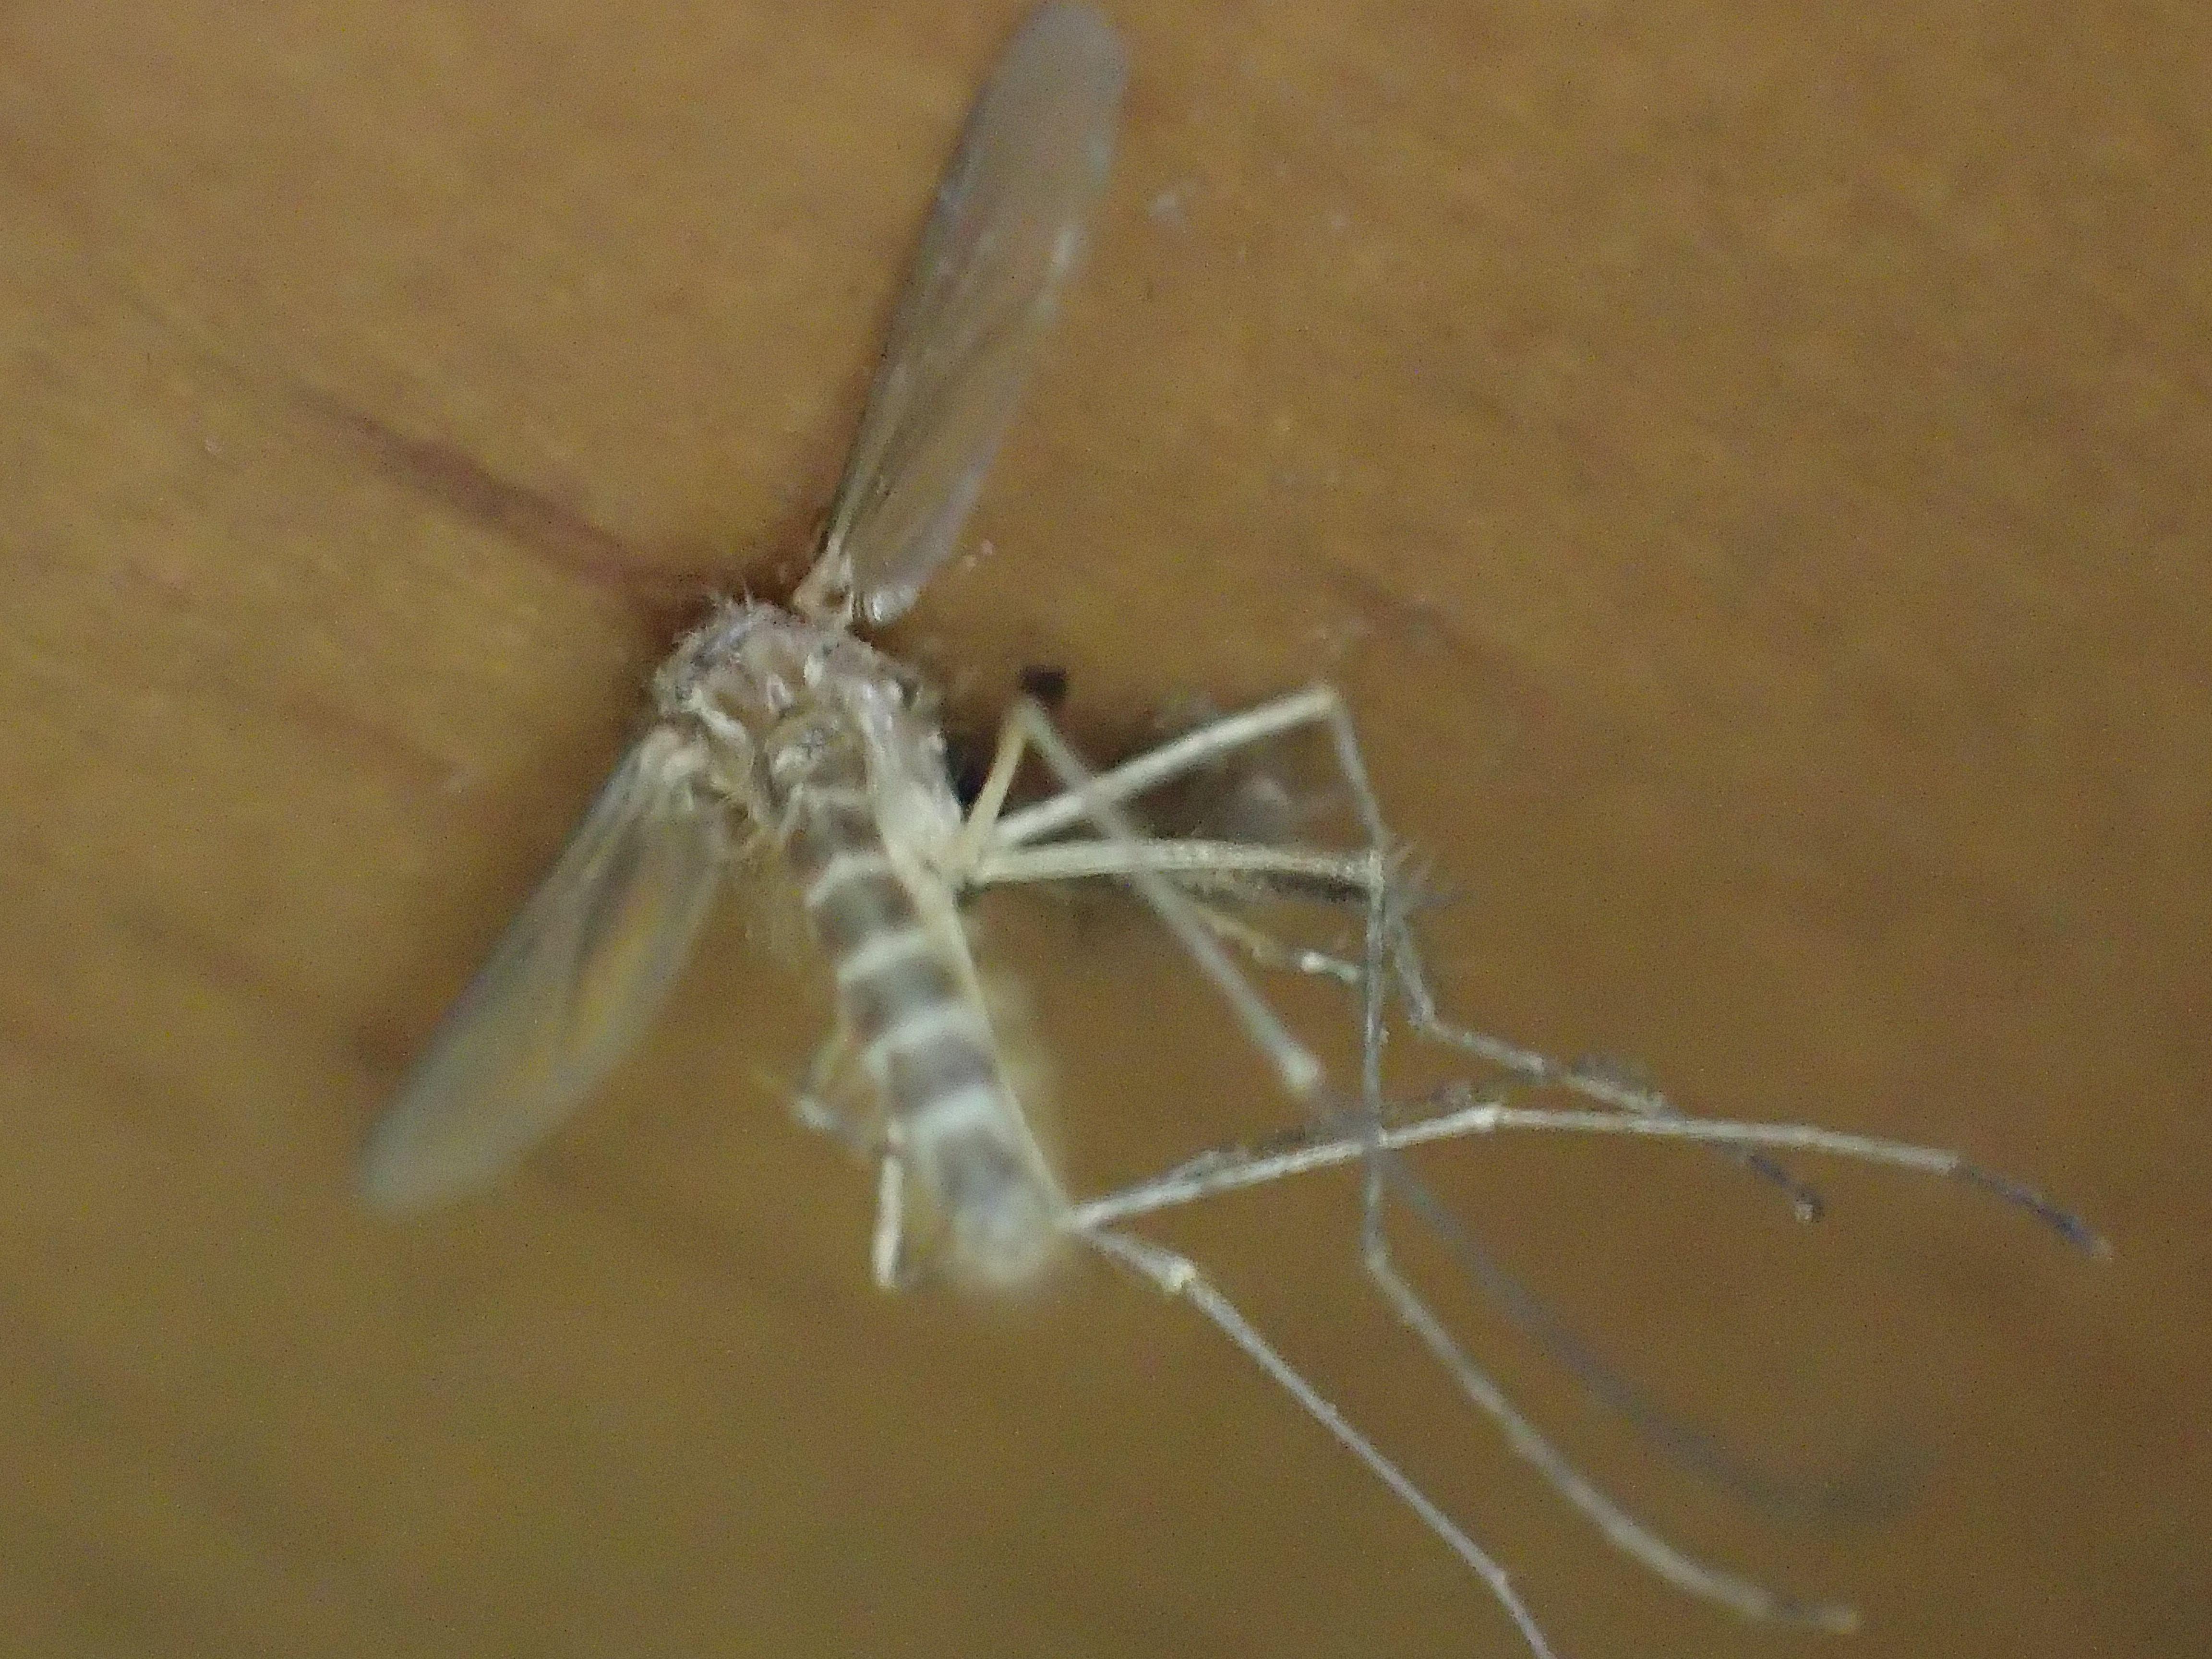 蚊がテーブル・机の脚に着地していた瞬間を逃さず駆除